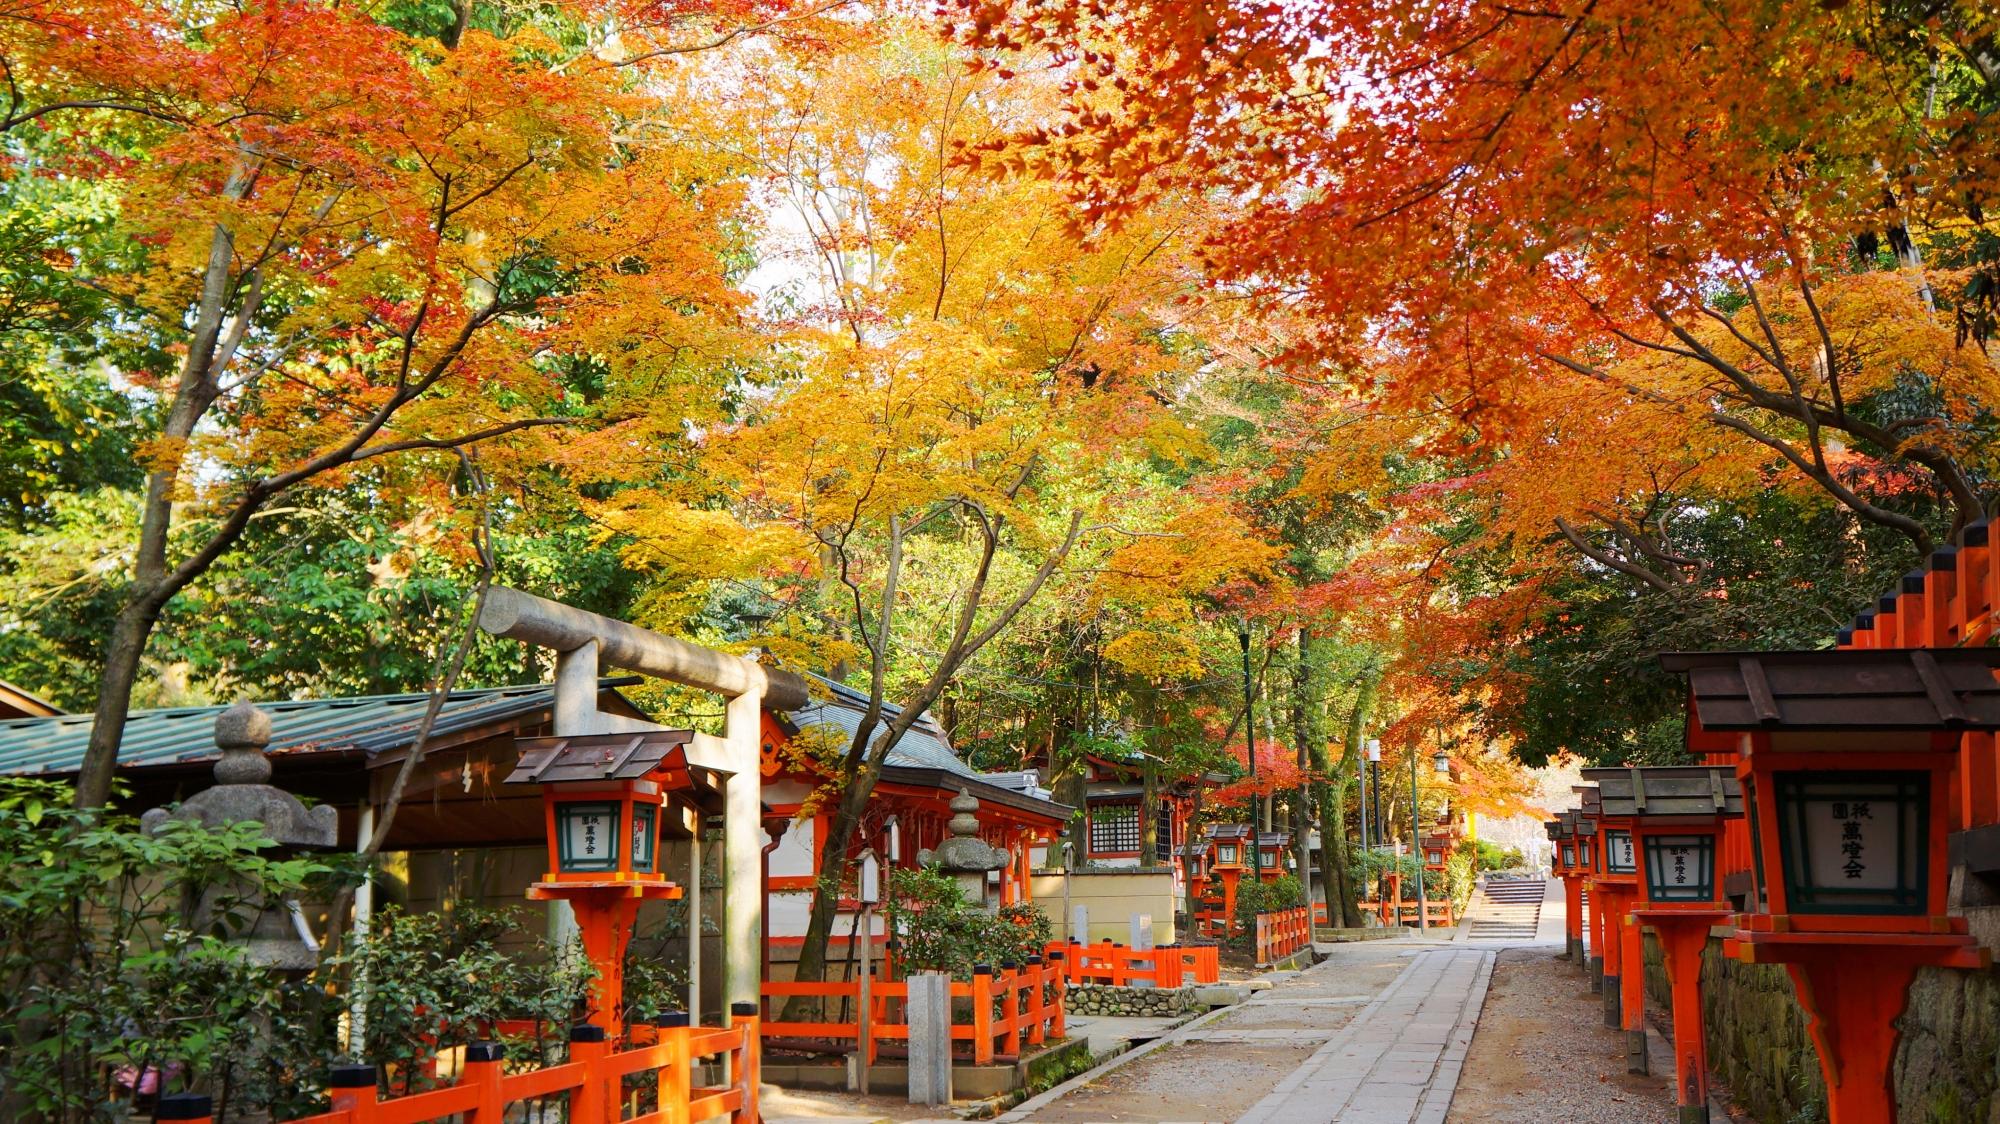 八坂神社の本殿裏の参道の風情ある紅葉